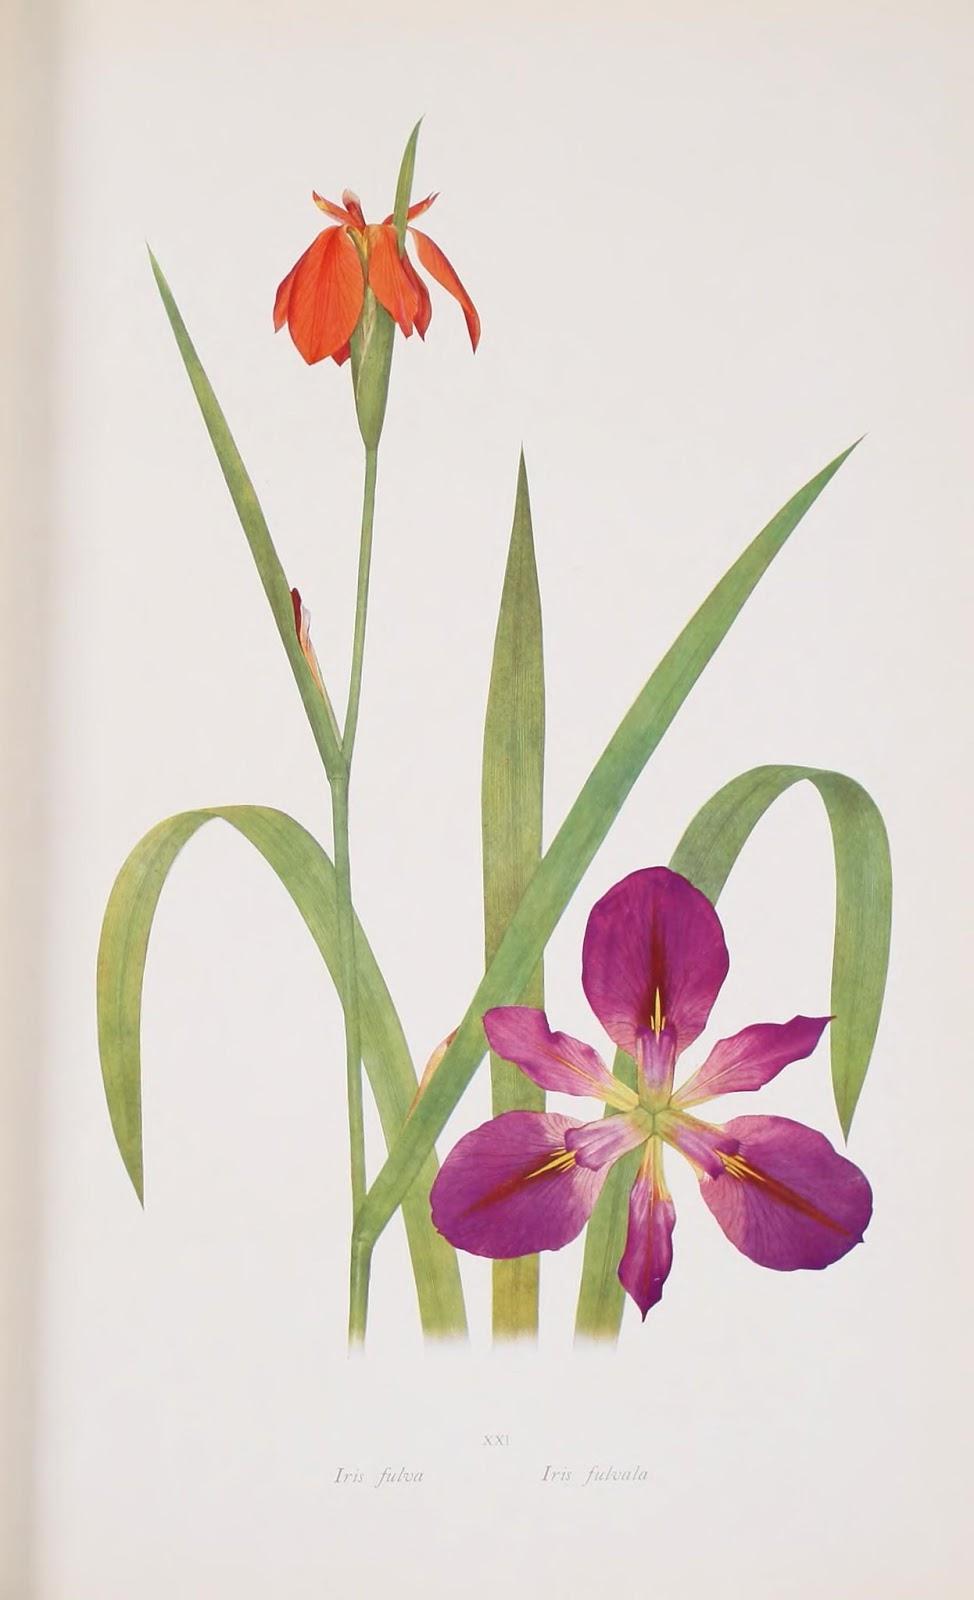 flores de lirios en color naranja y púrpura